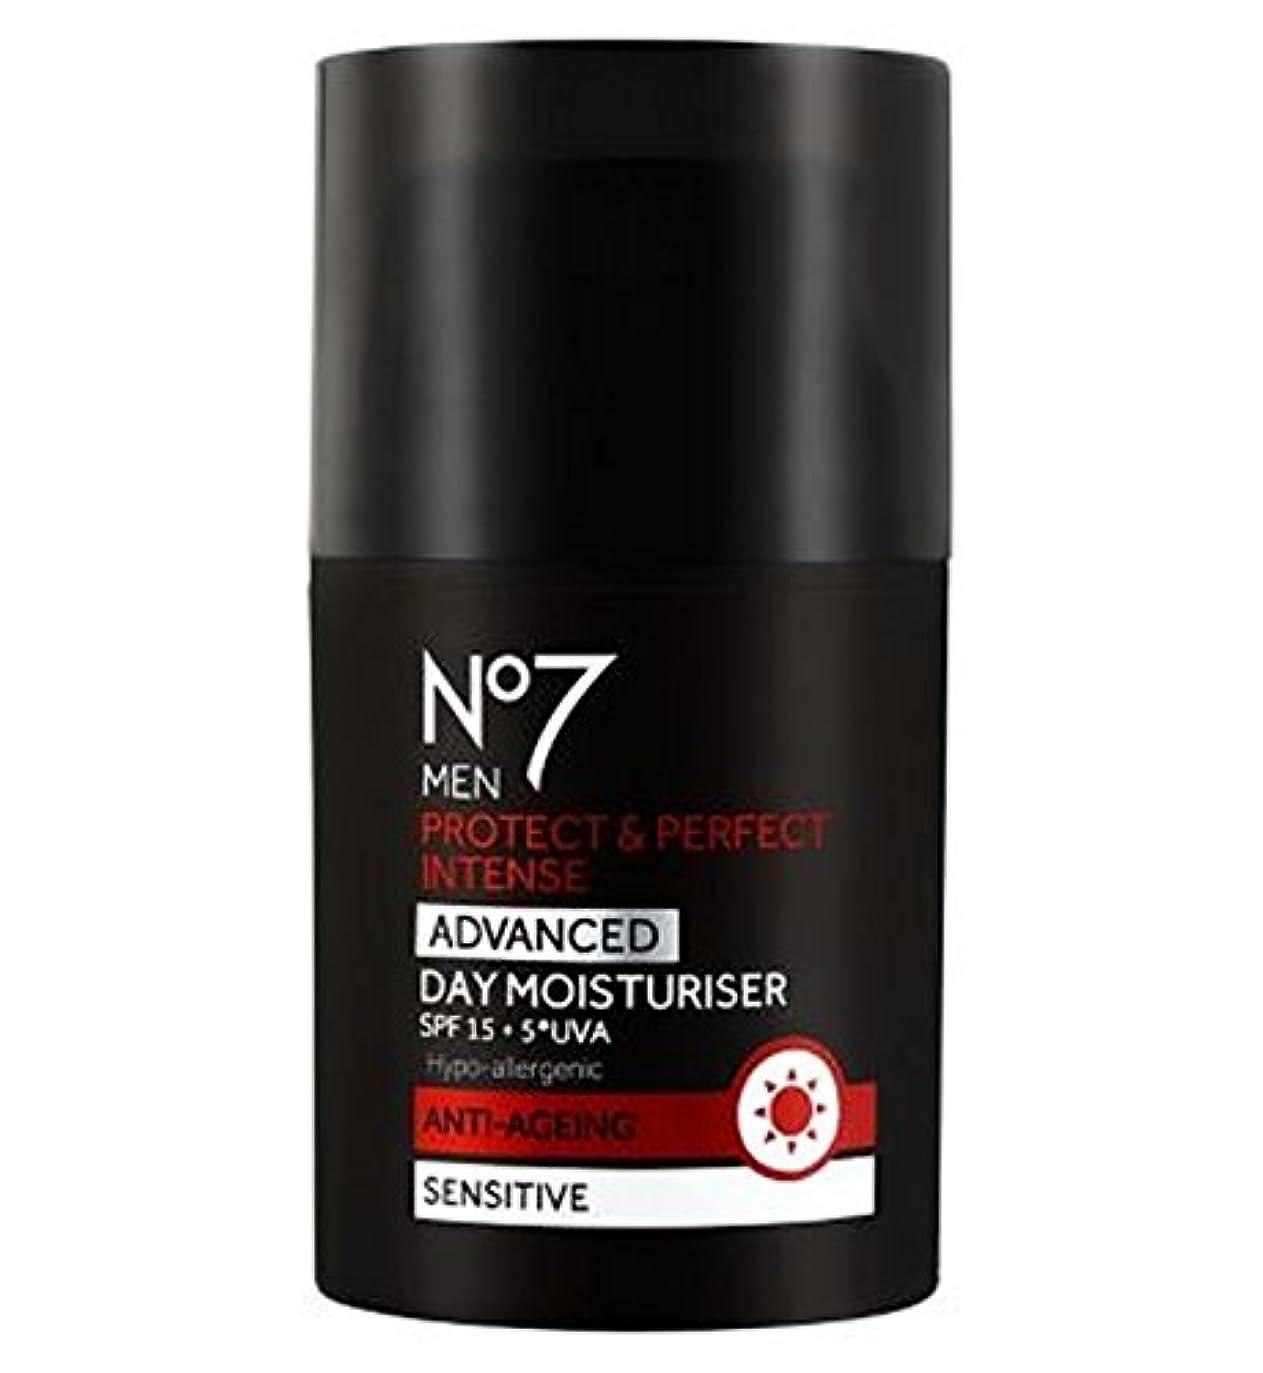 テレックス遅れ密No7の男性が保護&完璧な強烈な高度な日の保湿Spf15 (No7) (x2) - No7 Men Protect & Perfect Intense ADVANCED Day Moisturiser SPF15 (Pack of 2) [並行輸入品]